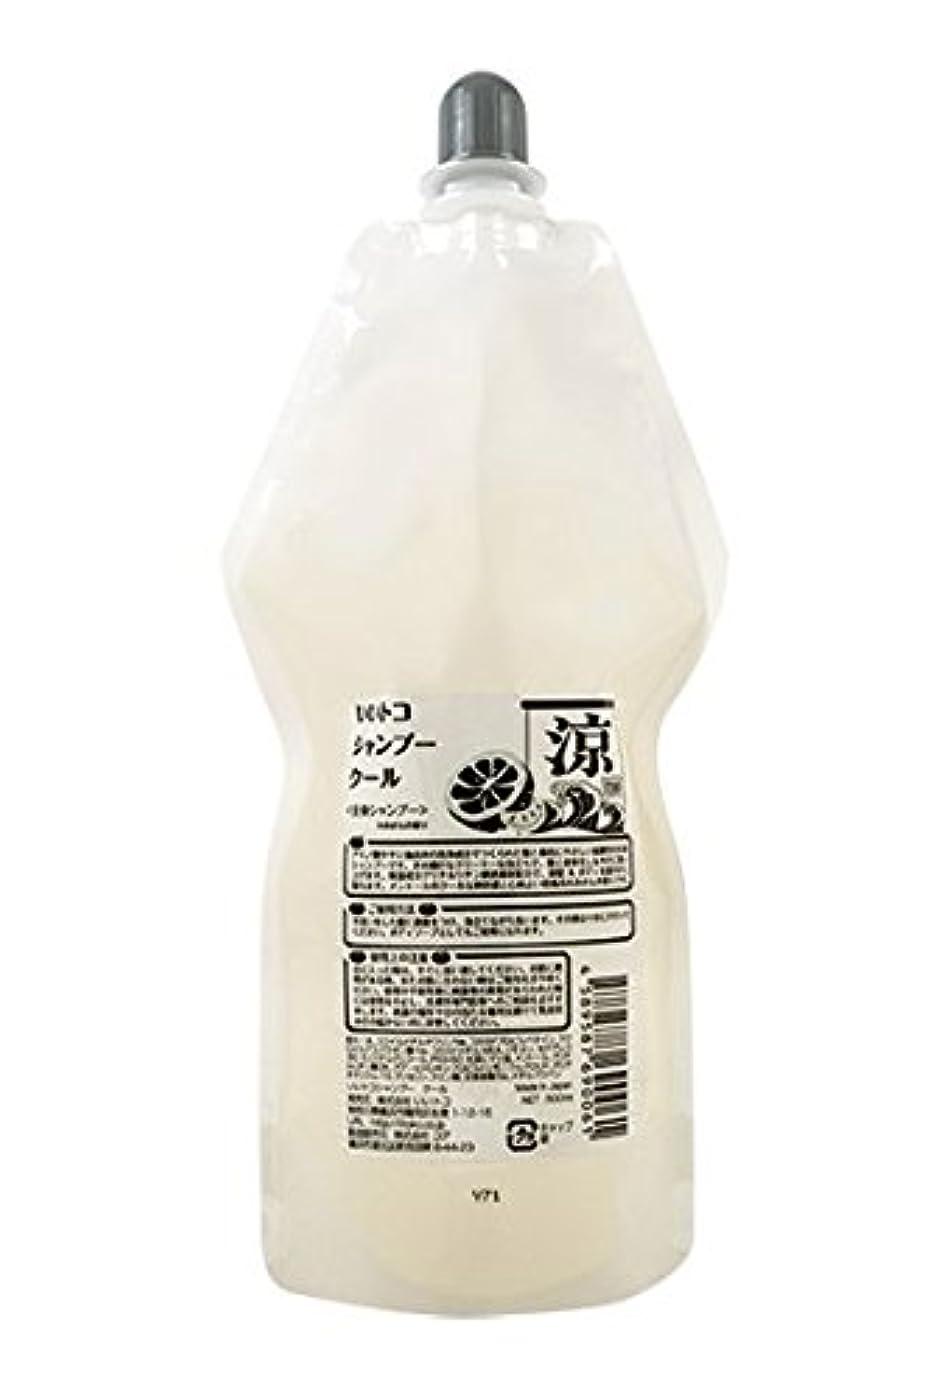 パーティー有害な農業フレッシュな『みかん(リモネン高配合)』の香りが心地良い弱酸性全身シャンプー メントールのクールな爽快感 春夏用 いいトコシャンプークール 500ml詰替用